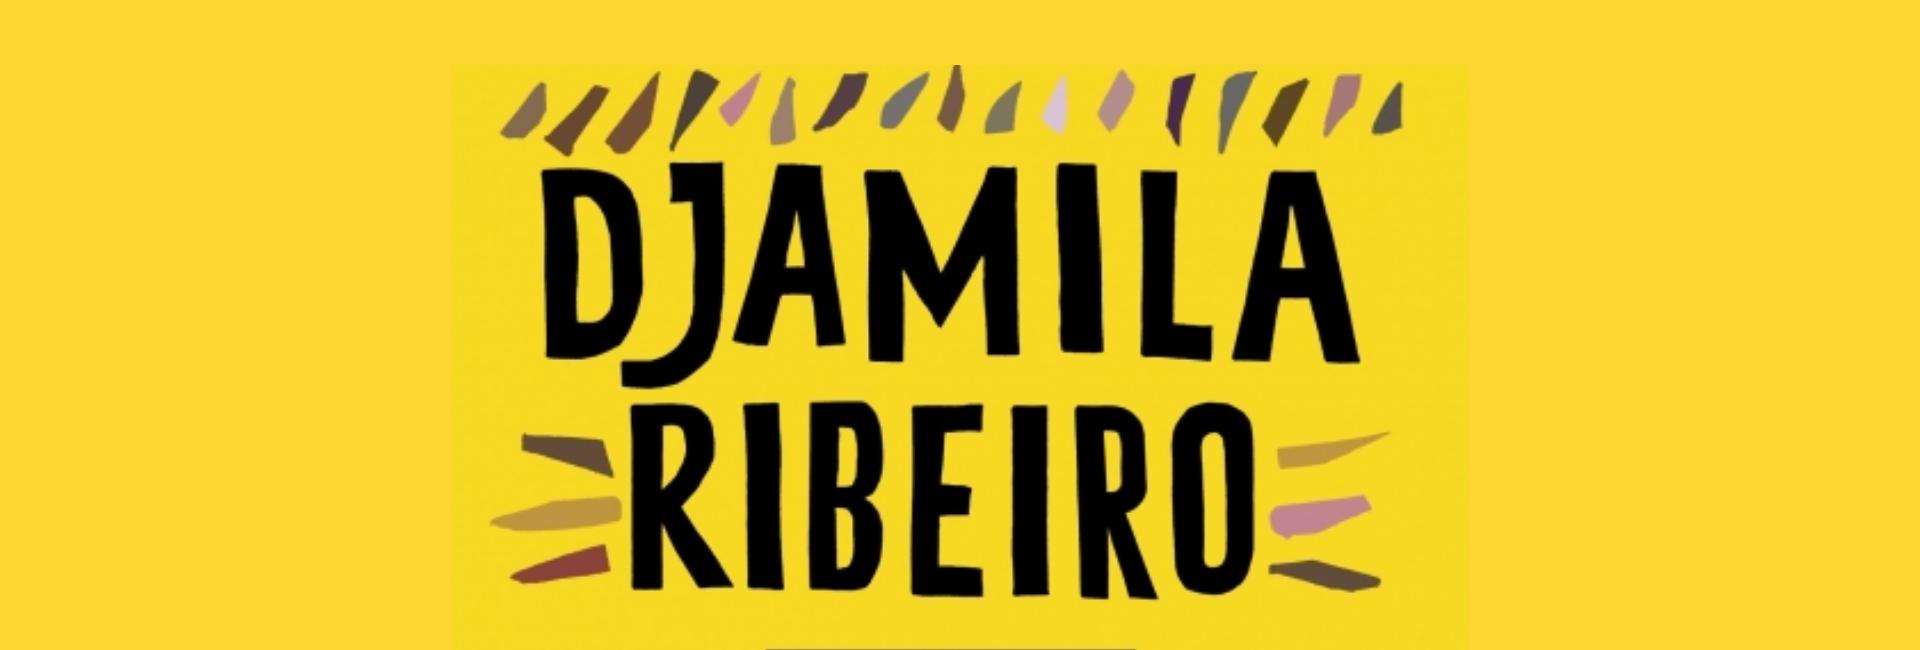 Pequeno Manual Antirracista: resumo e detalhes do livro de Djamila Ribeiro